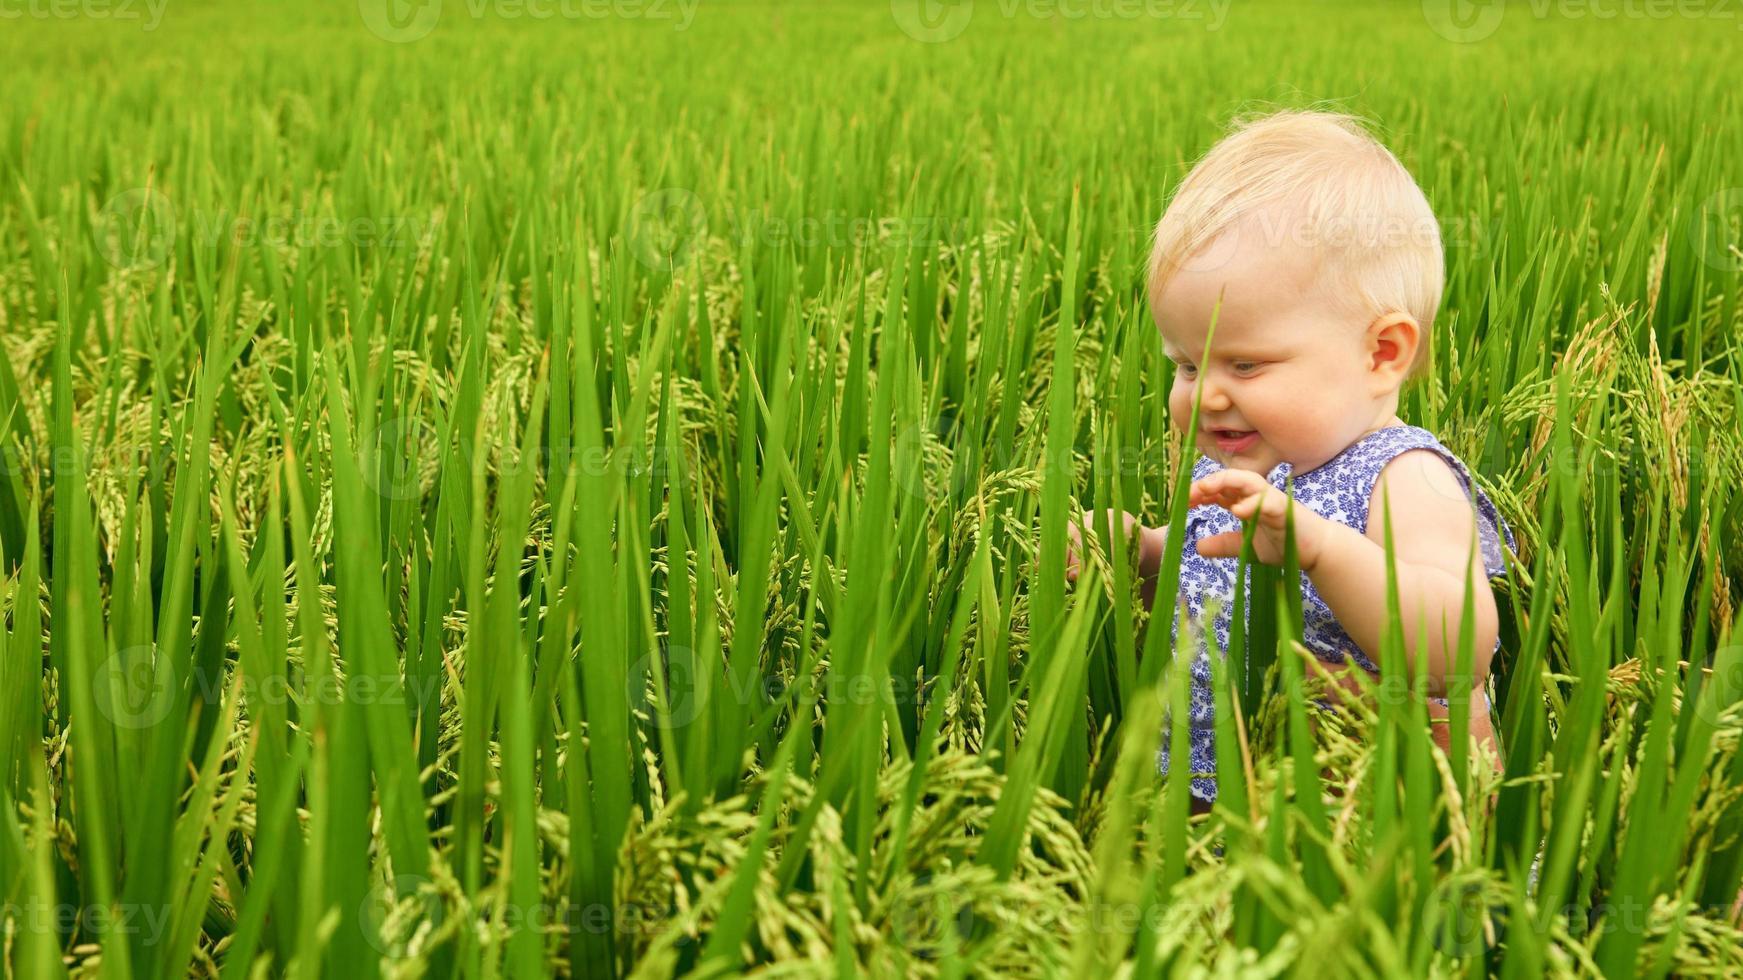 bambina nel campo di riso foto